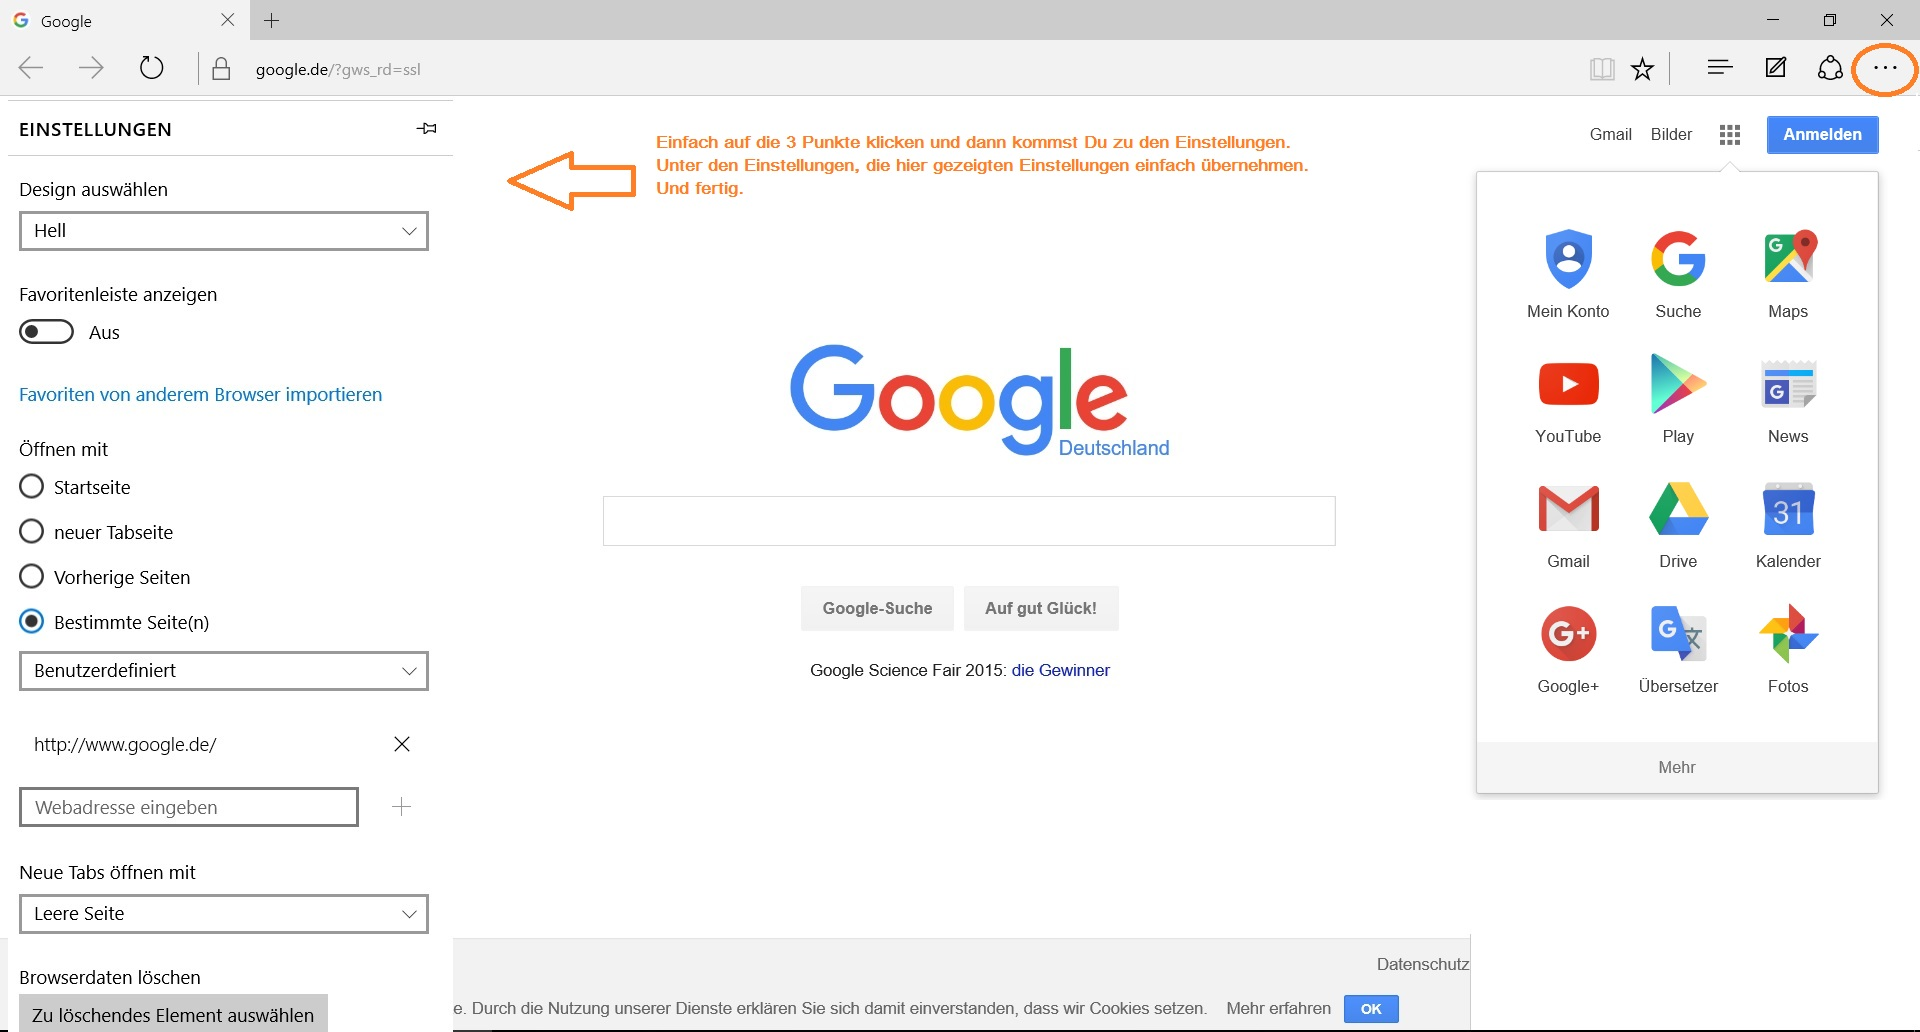 Mit IE11 funktioniert die Google Toolbar, warum nicht auch bei Edge?